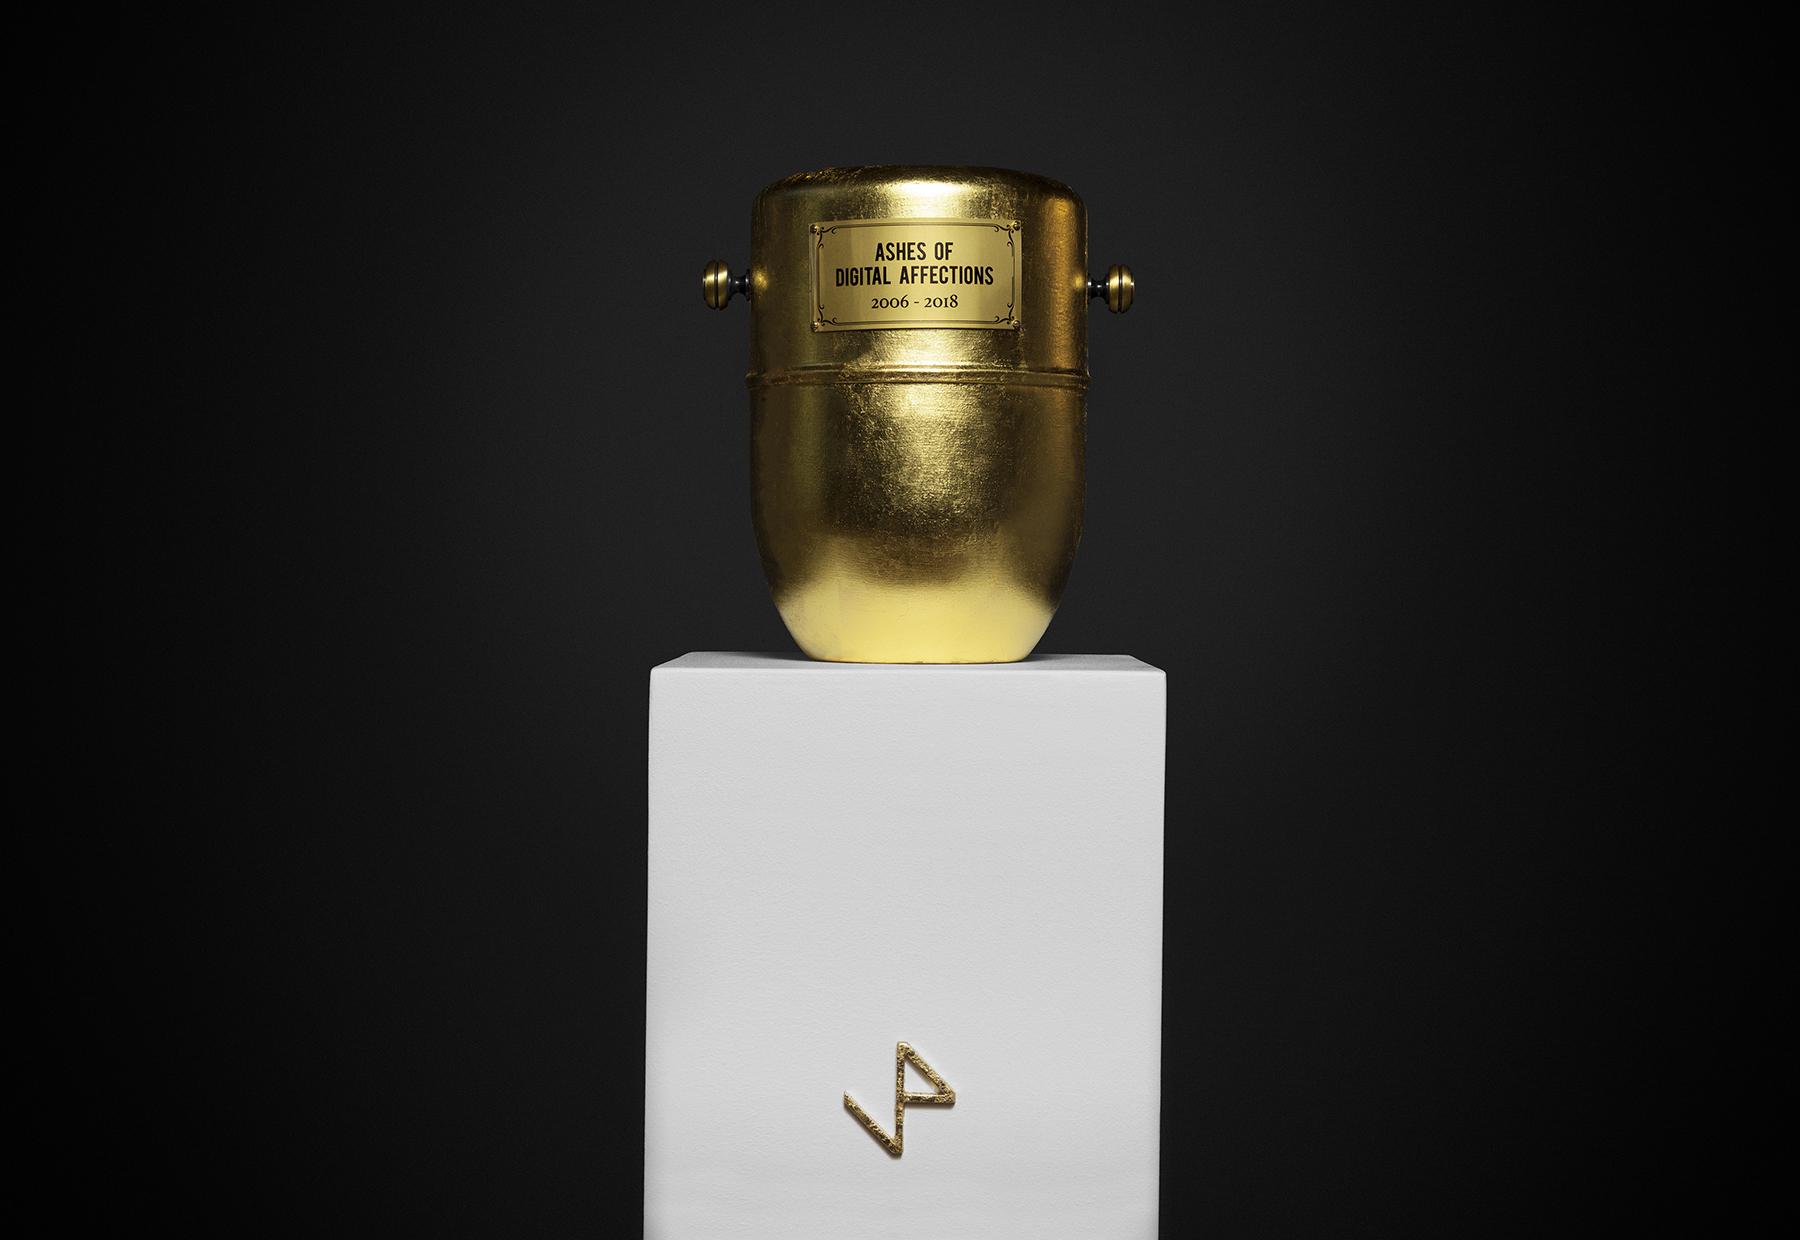 Ceneri di affetti digitali / Ashes of digital affections-33cm x 33cm x 125cm-Urna cineraria, ceneri di dispositivi digitali, oro zecchino, ottone, legno, stampa uv-©2018 – Edition of 1